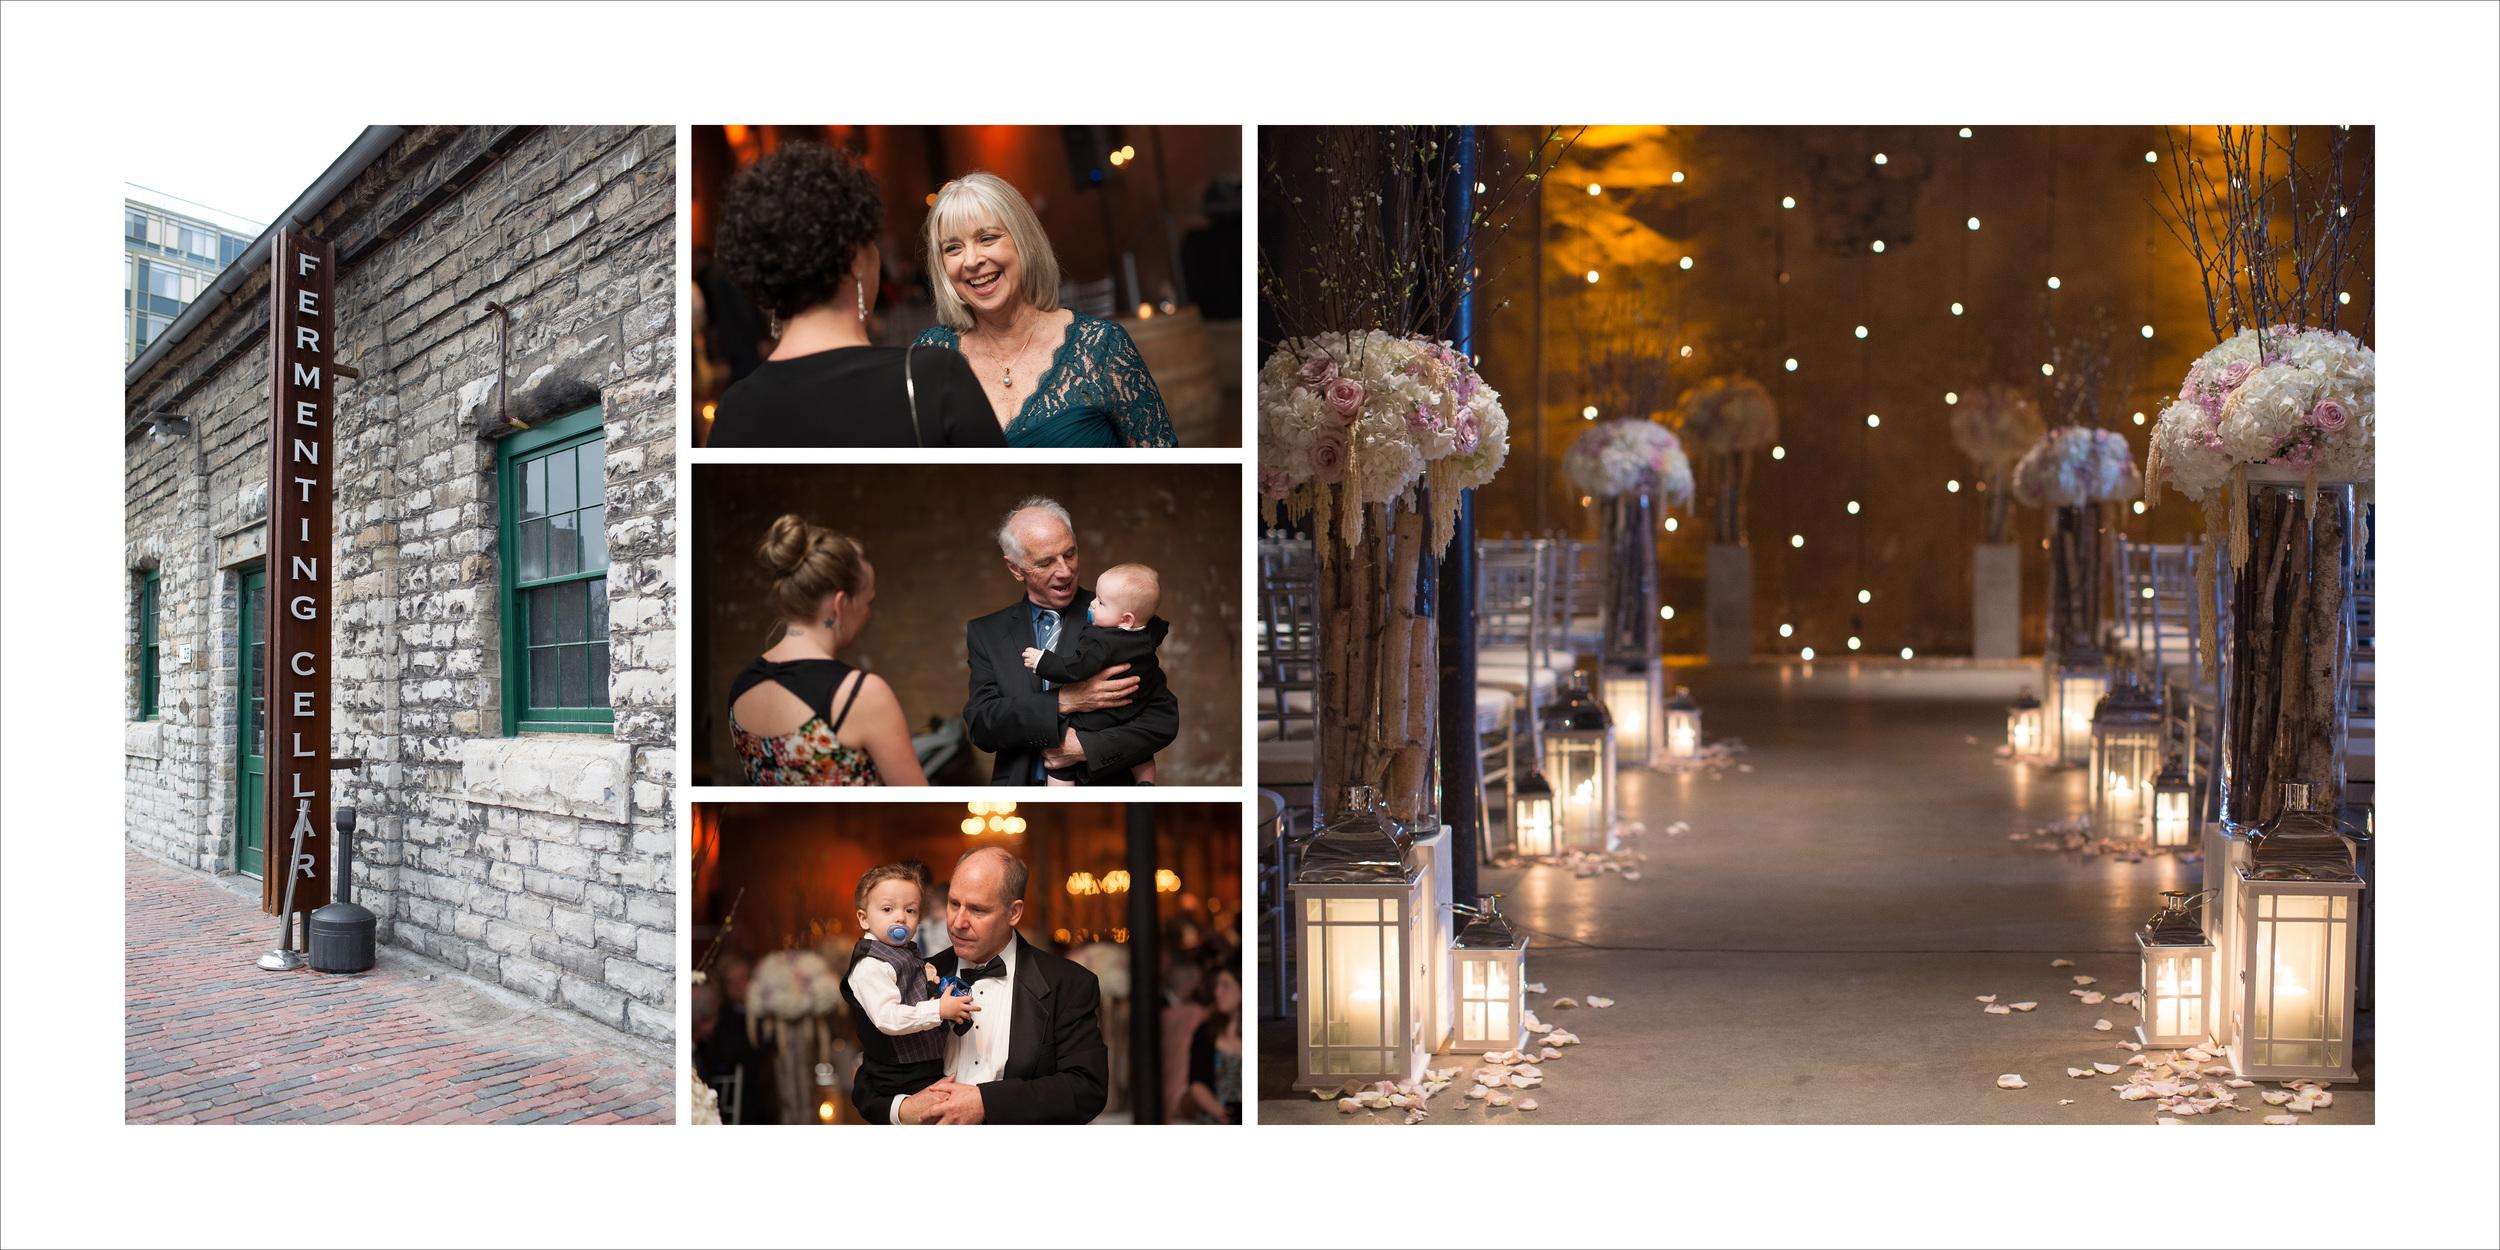 fermenting-cellar-wedding_12.JPG